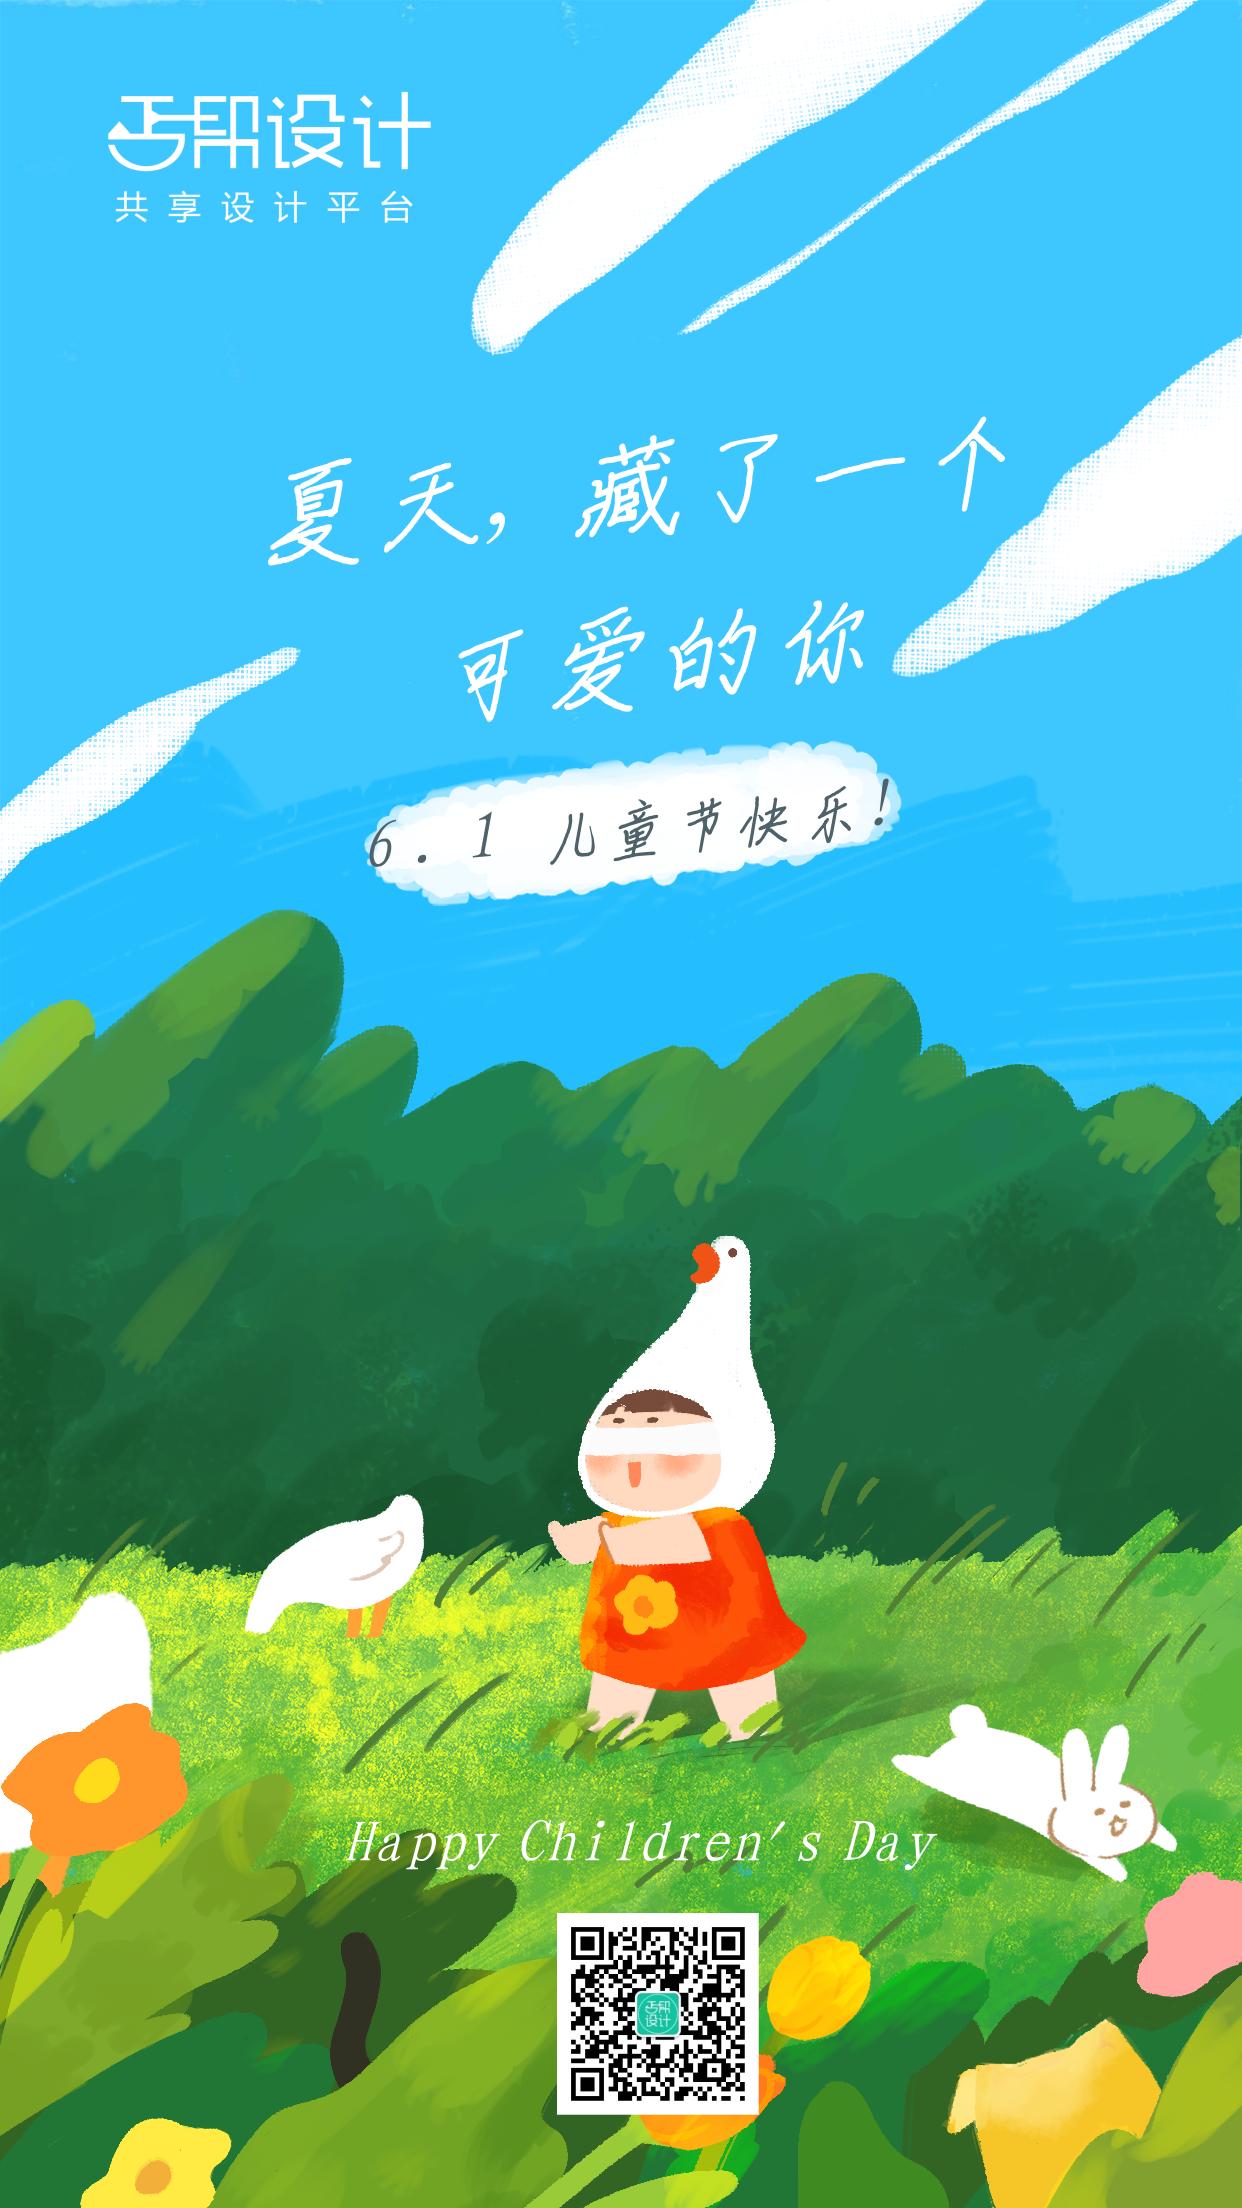 六一儿童节捉迷藏插画问候手机海报